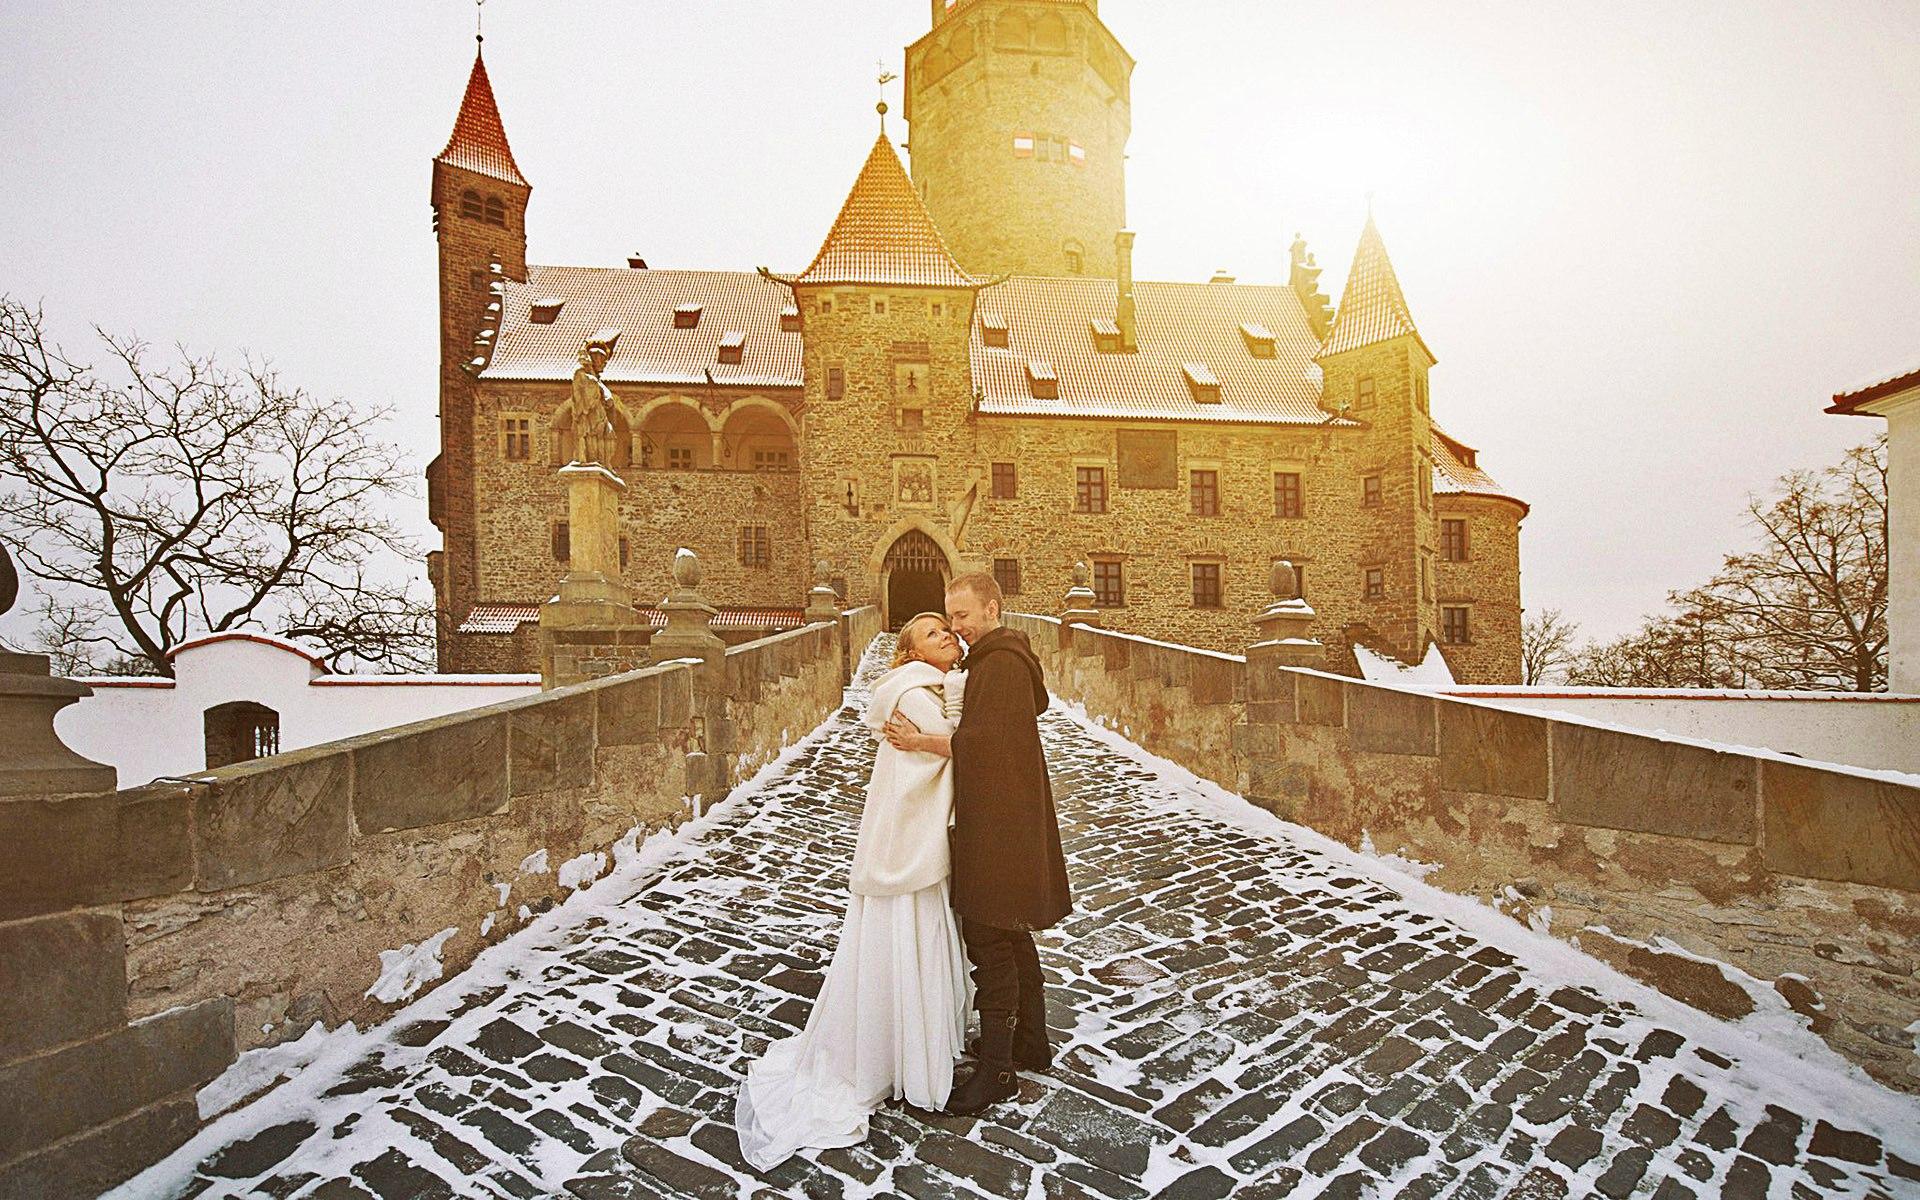 Пара на мосту замка, зимний пейзаж